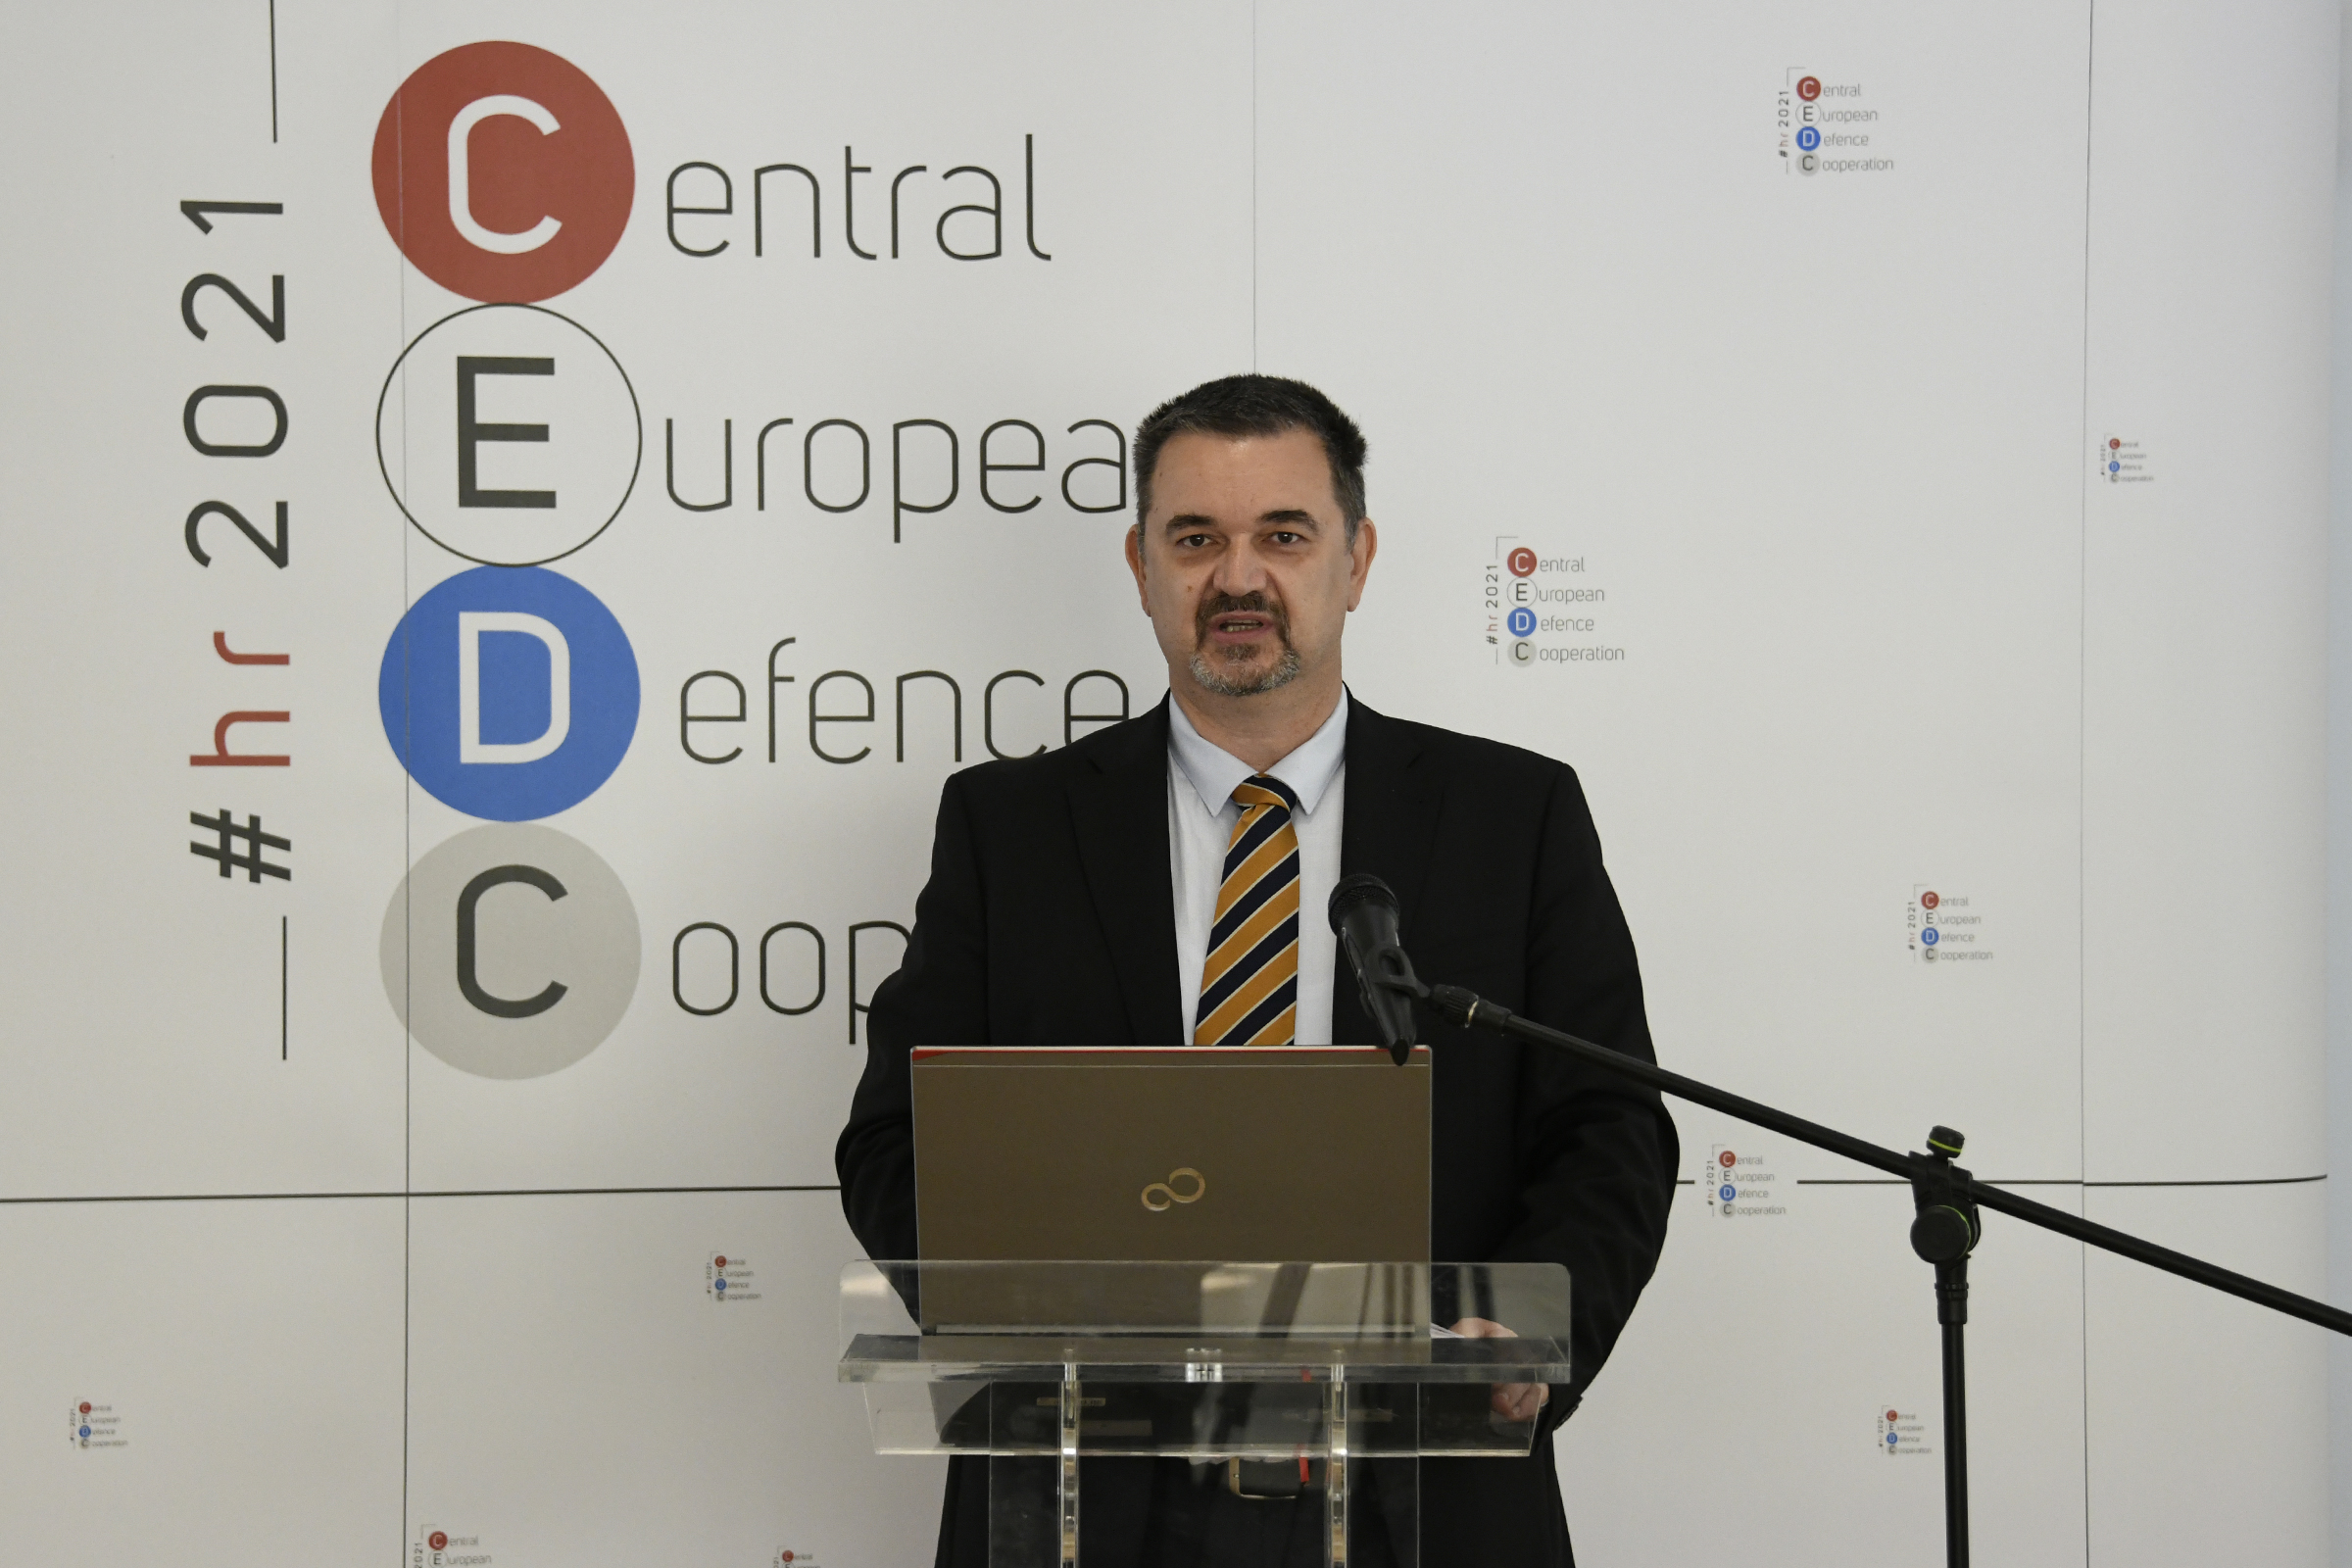 Održana CEDC radionica Suzbijanje lažnih vijesti i dezinformacijskih kampanja